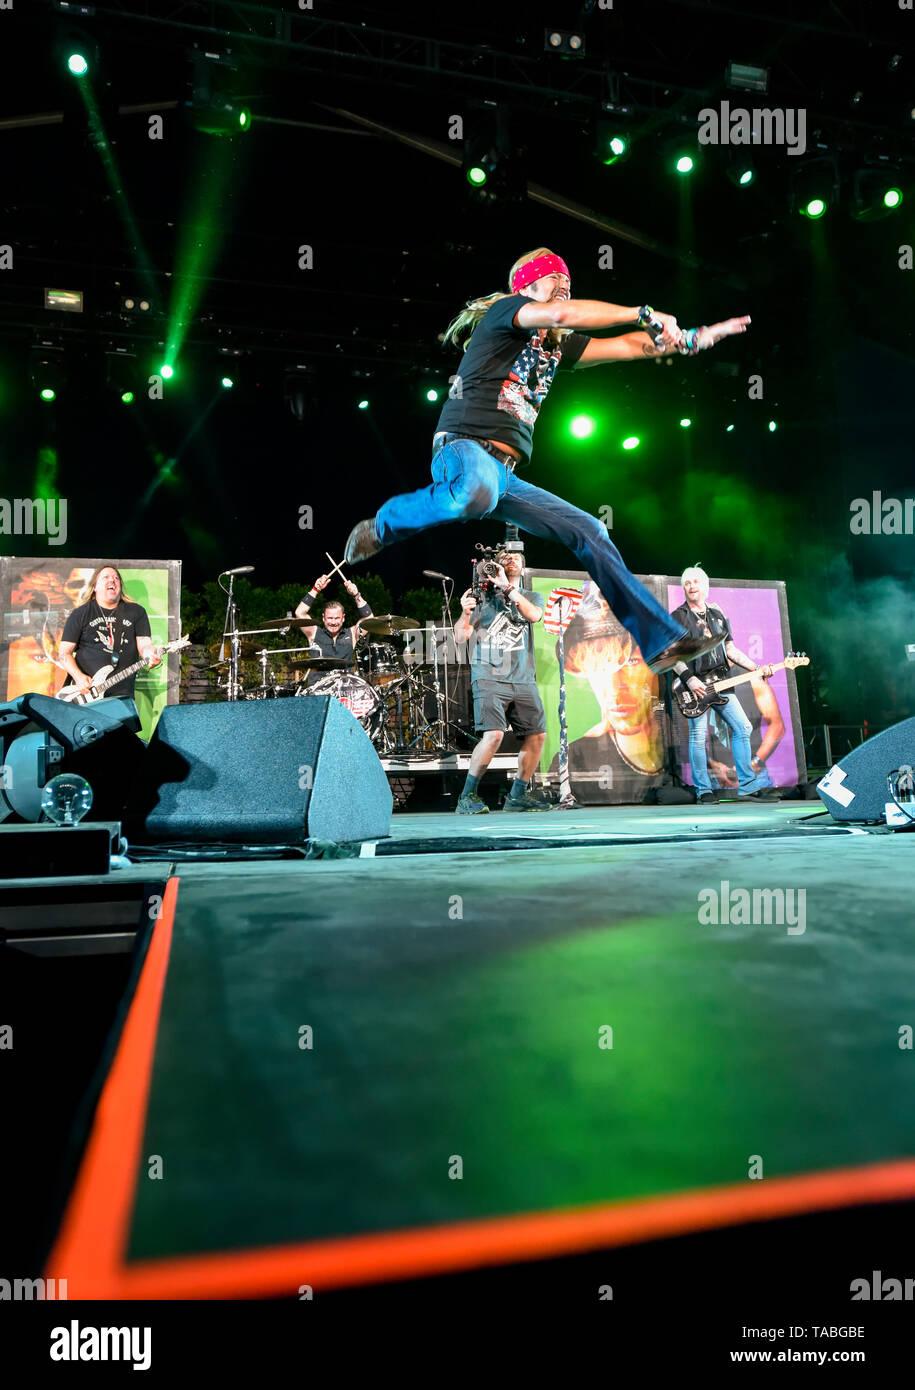 Indio, California, 26 de abril de 2019, Bret Michaels Band en un escenario actuando a una enérgica multitud en el día 1 de El Stagecoach Festival de Música Country. Foto de stock